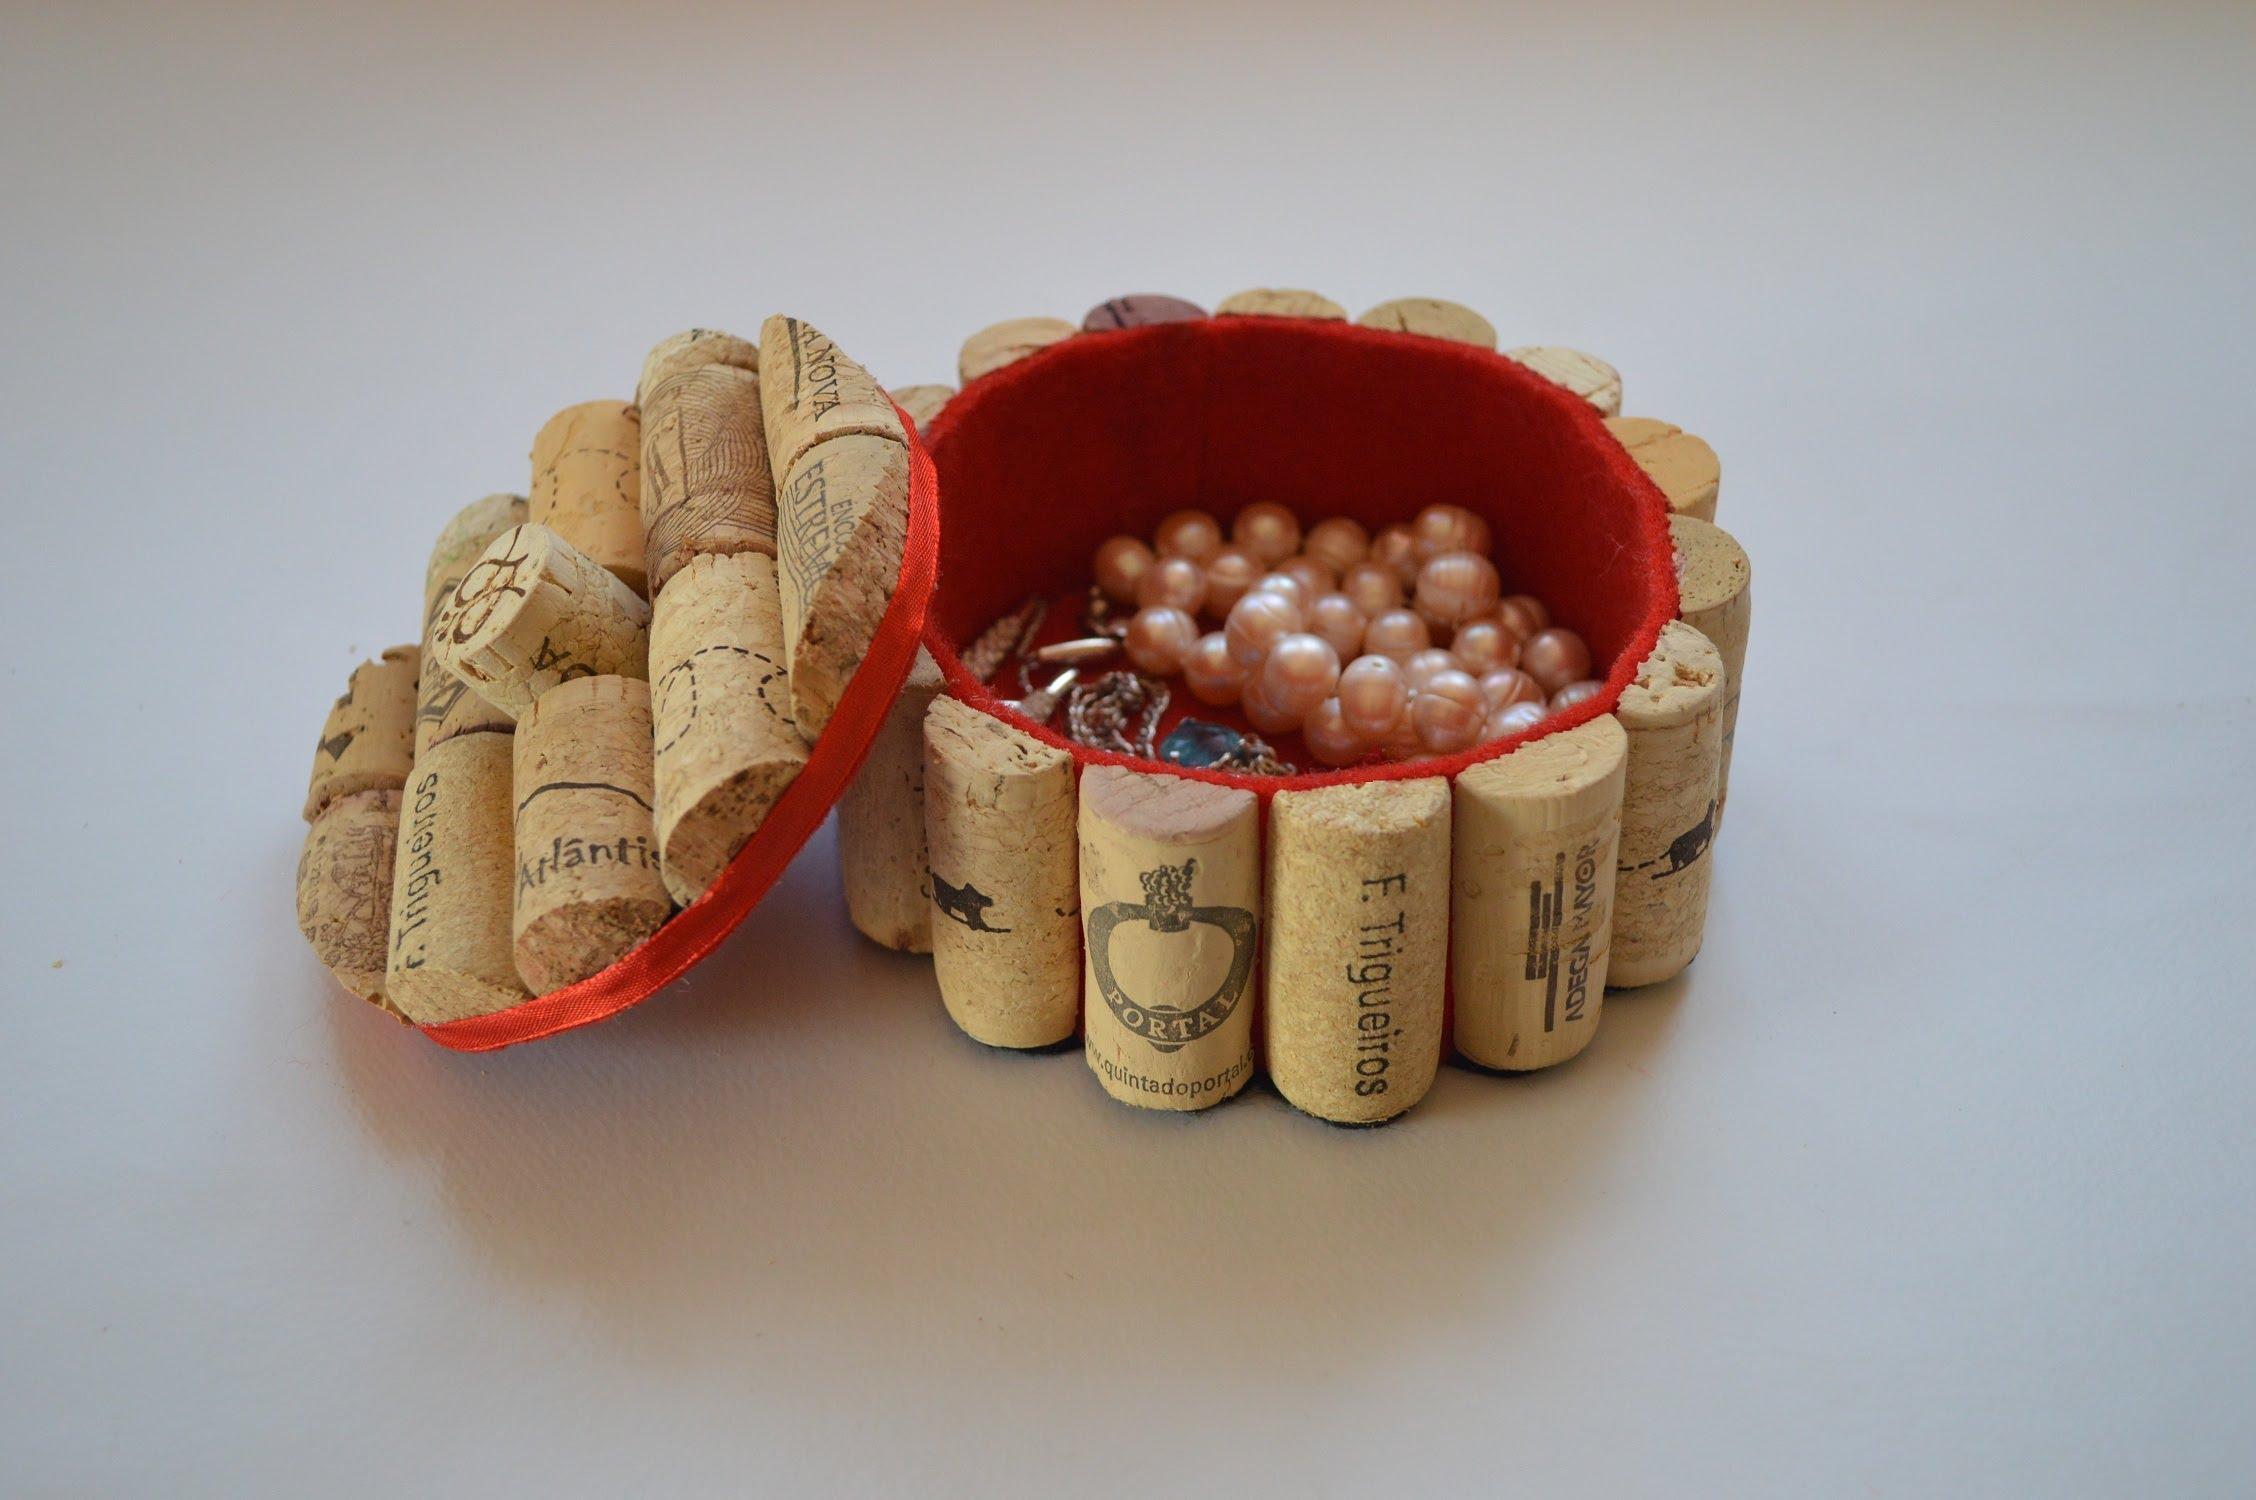 Manualidades corchos 11 - Como pegar corchos de botellas ...